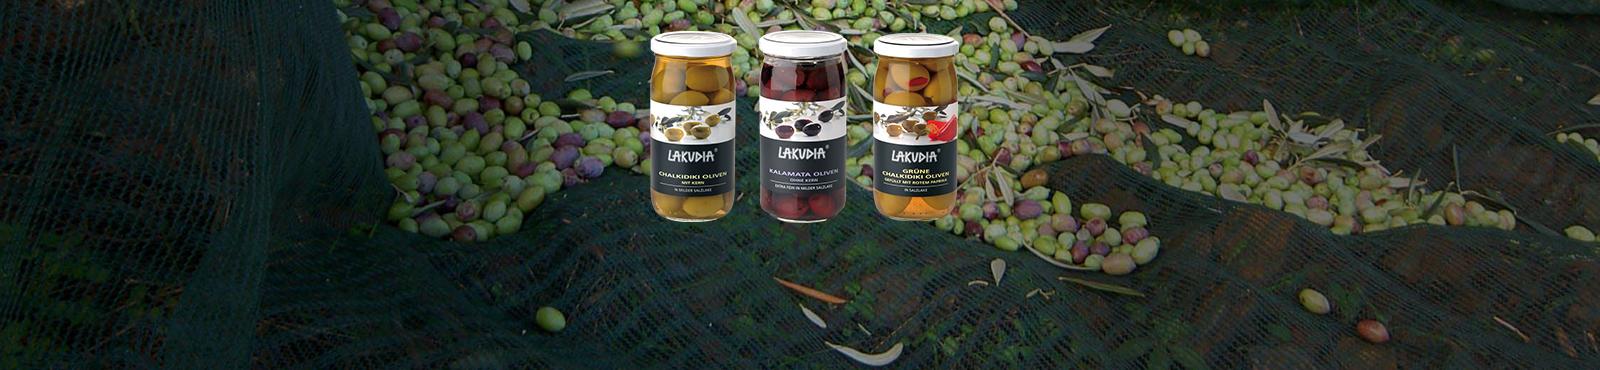 Entdecken Sie unser Oliven Sortiment